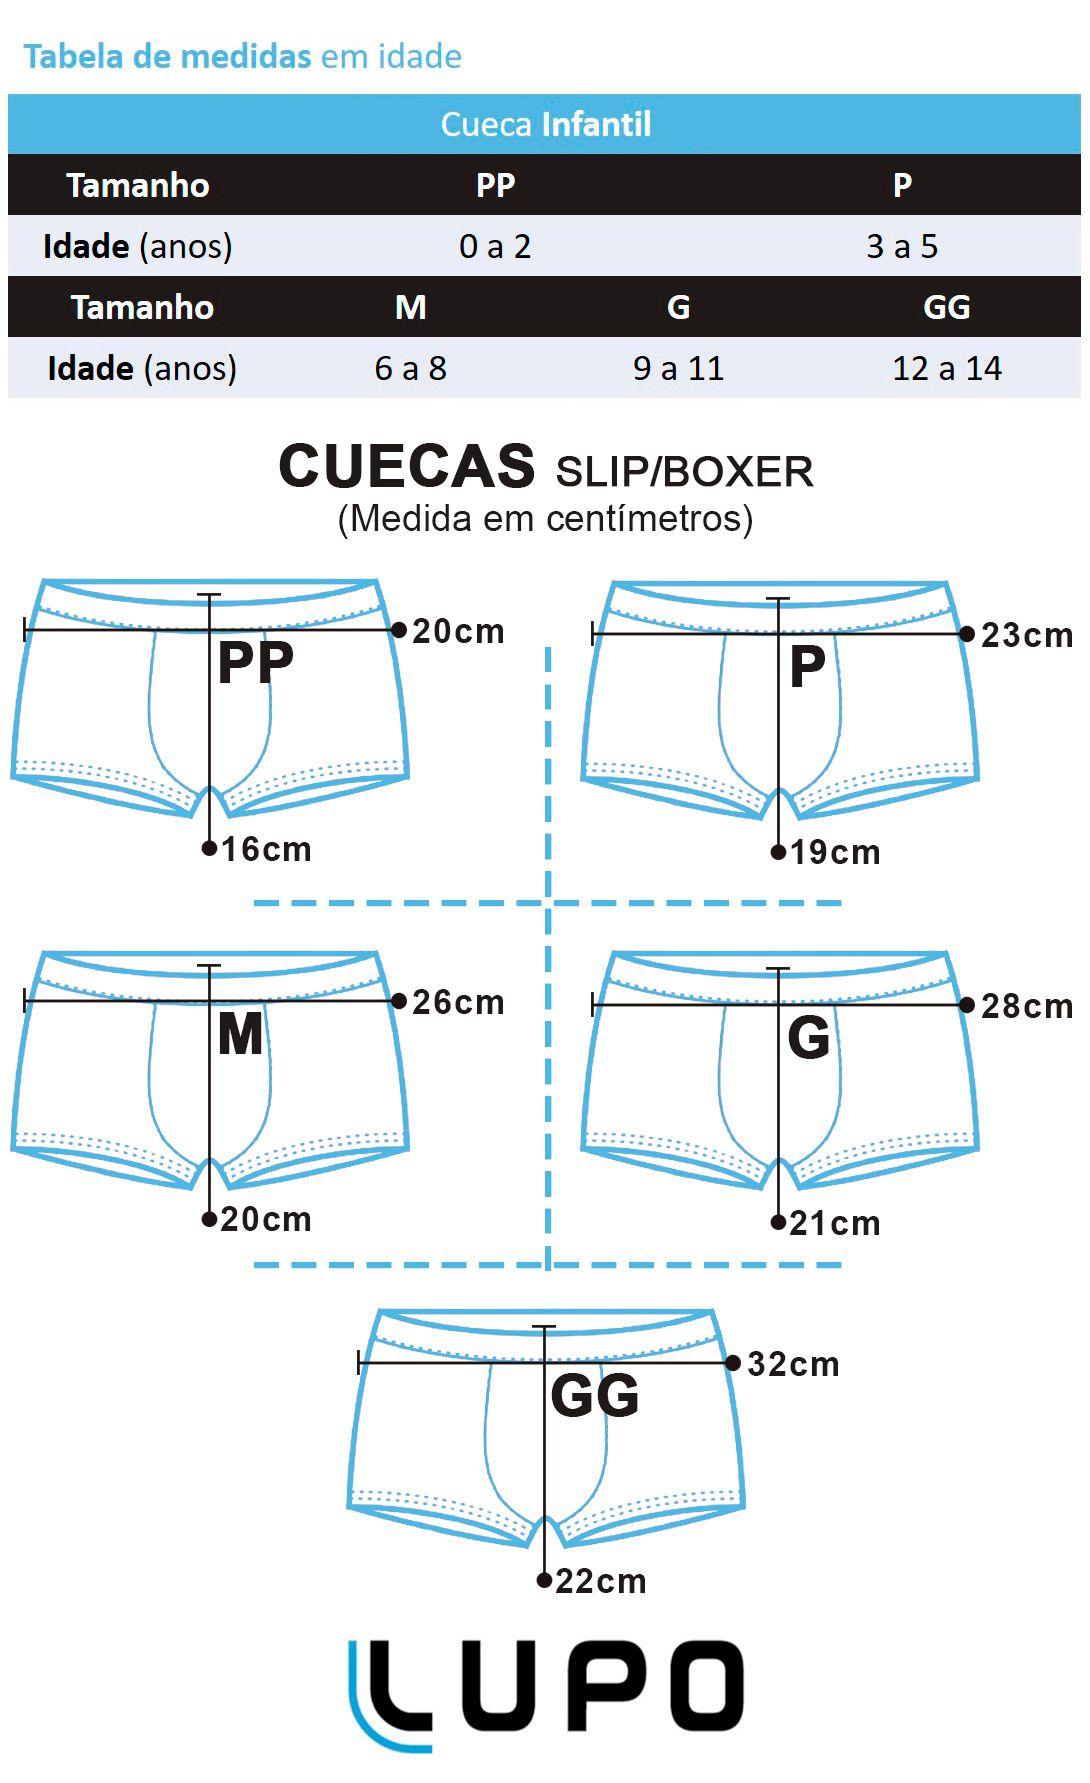 Cueca Infantil Boxer em Microfibra Kit com 9 cuecas Lupo: Tabela de medidas